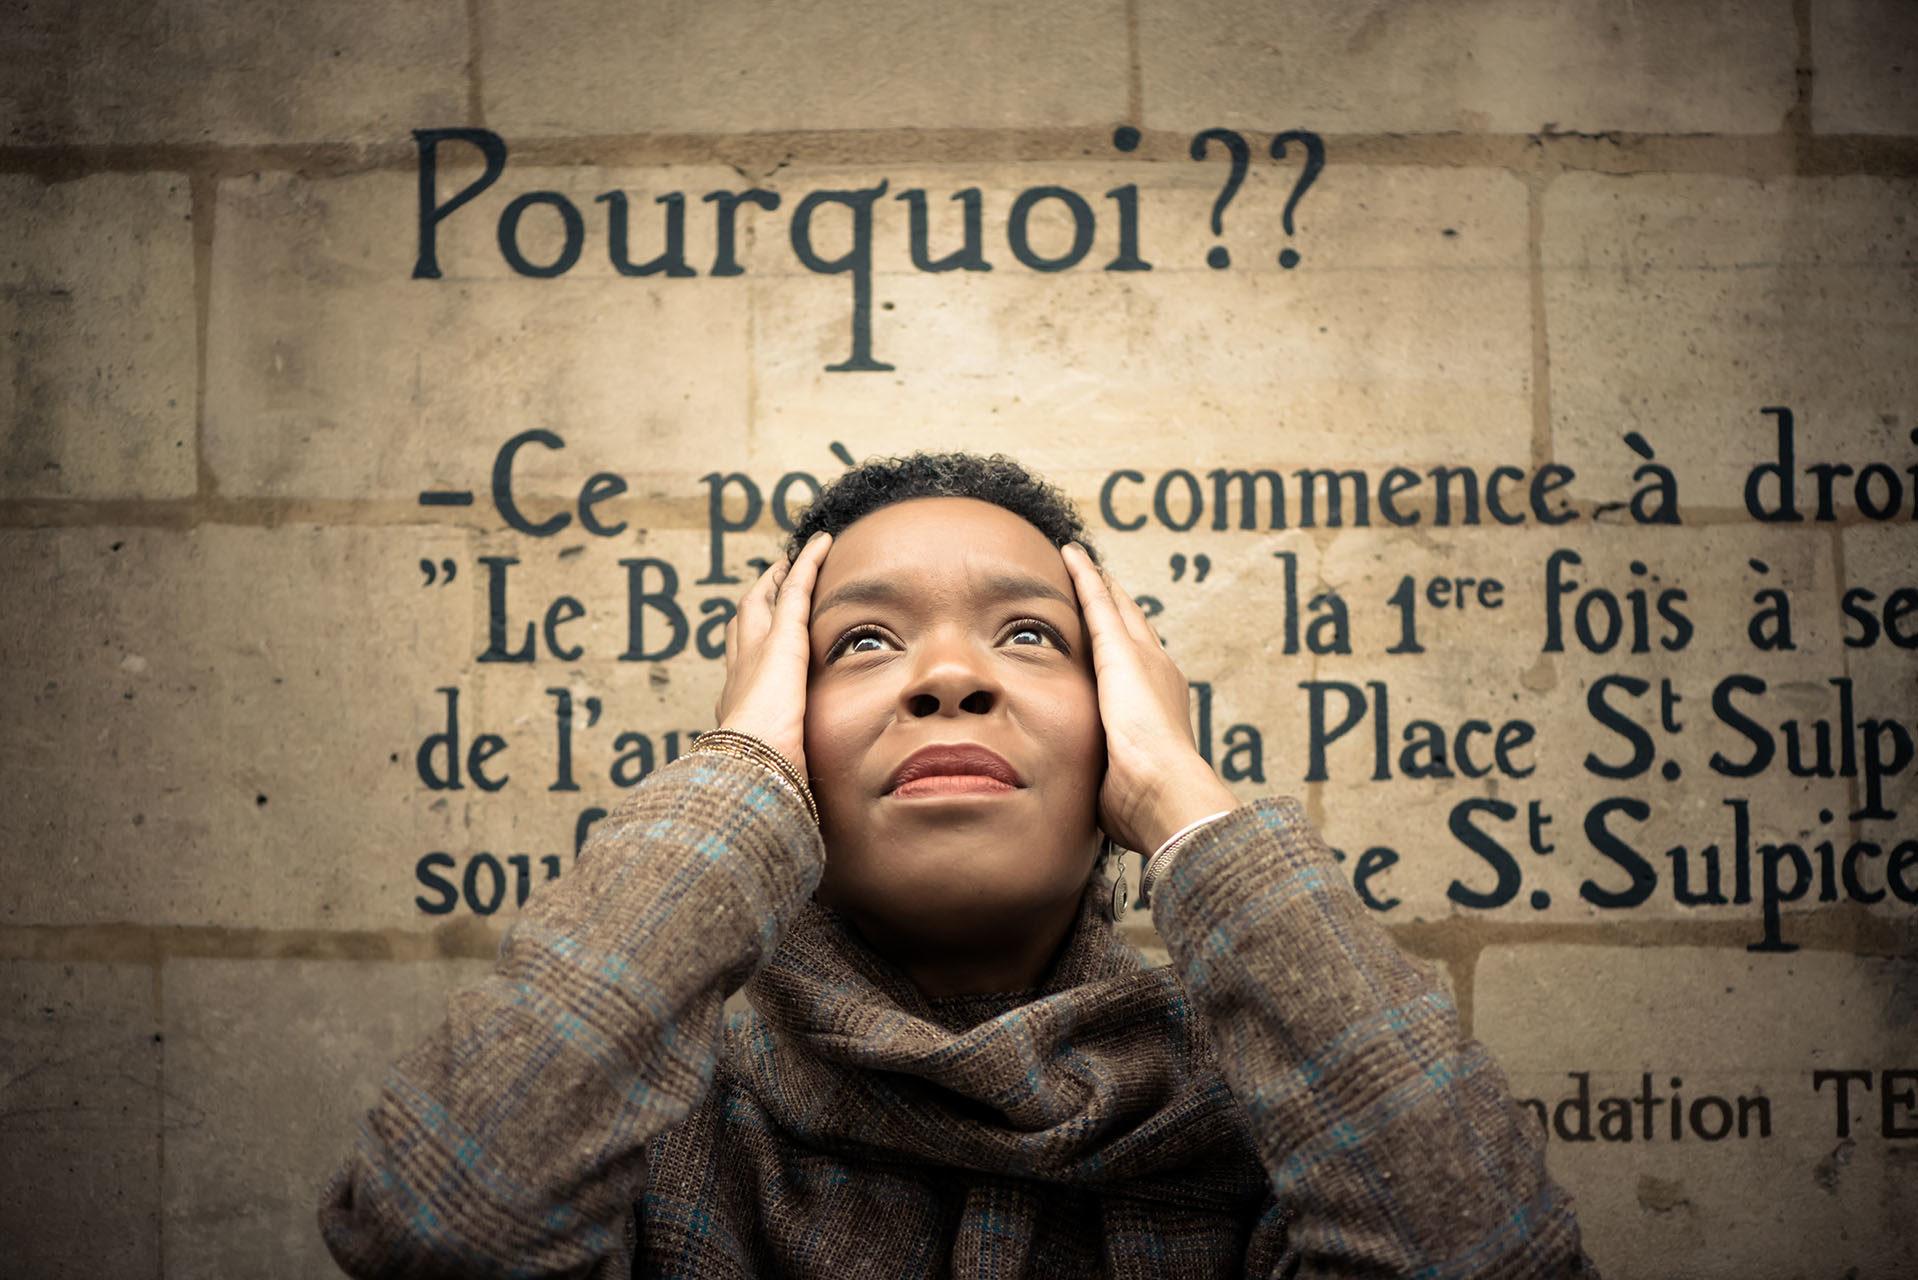 photographe-maya-angelsen-portraits-ile-de-france-paris-mai